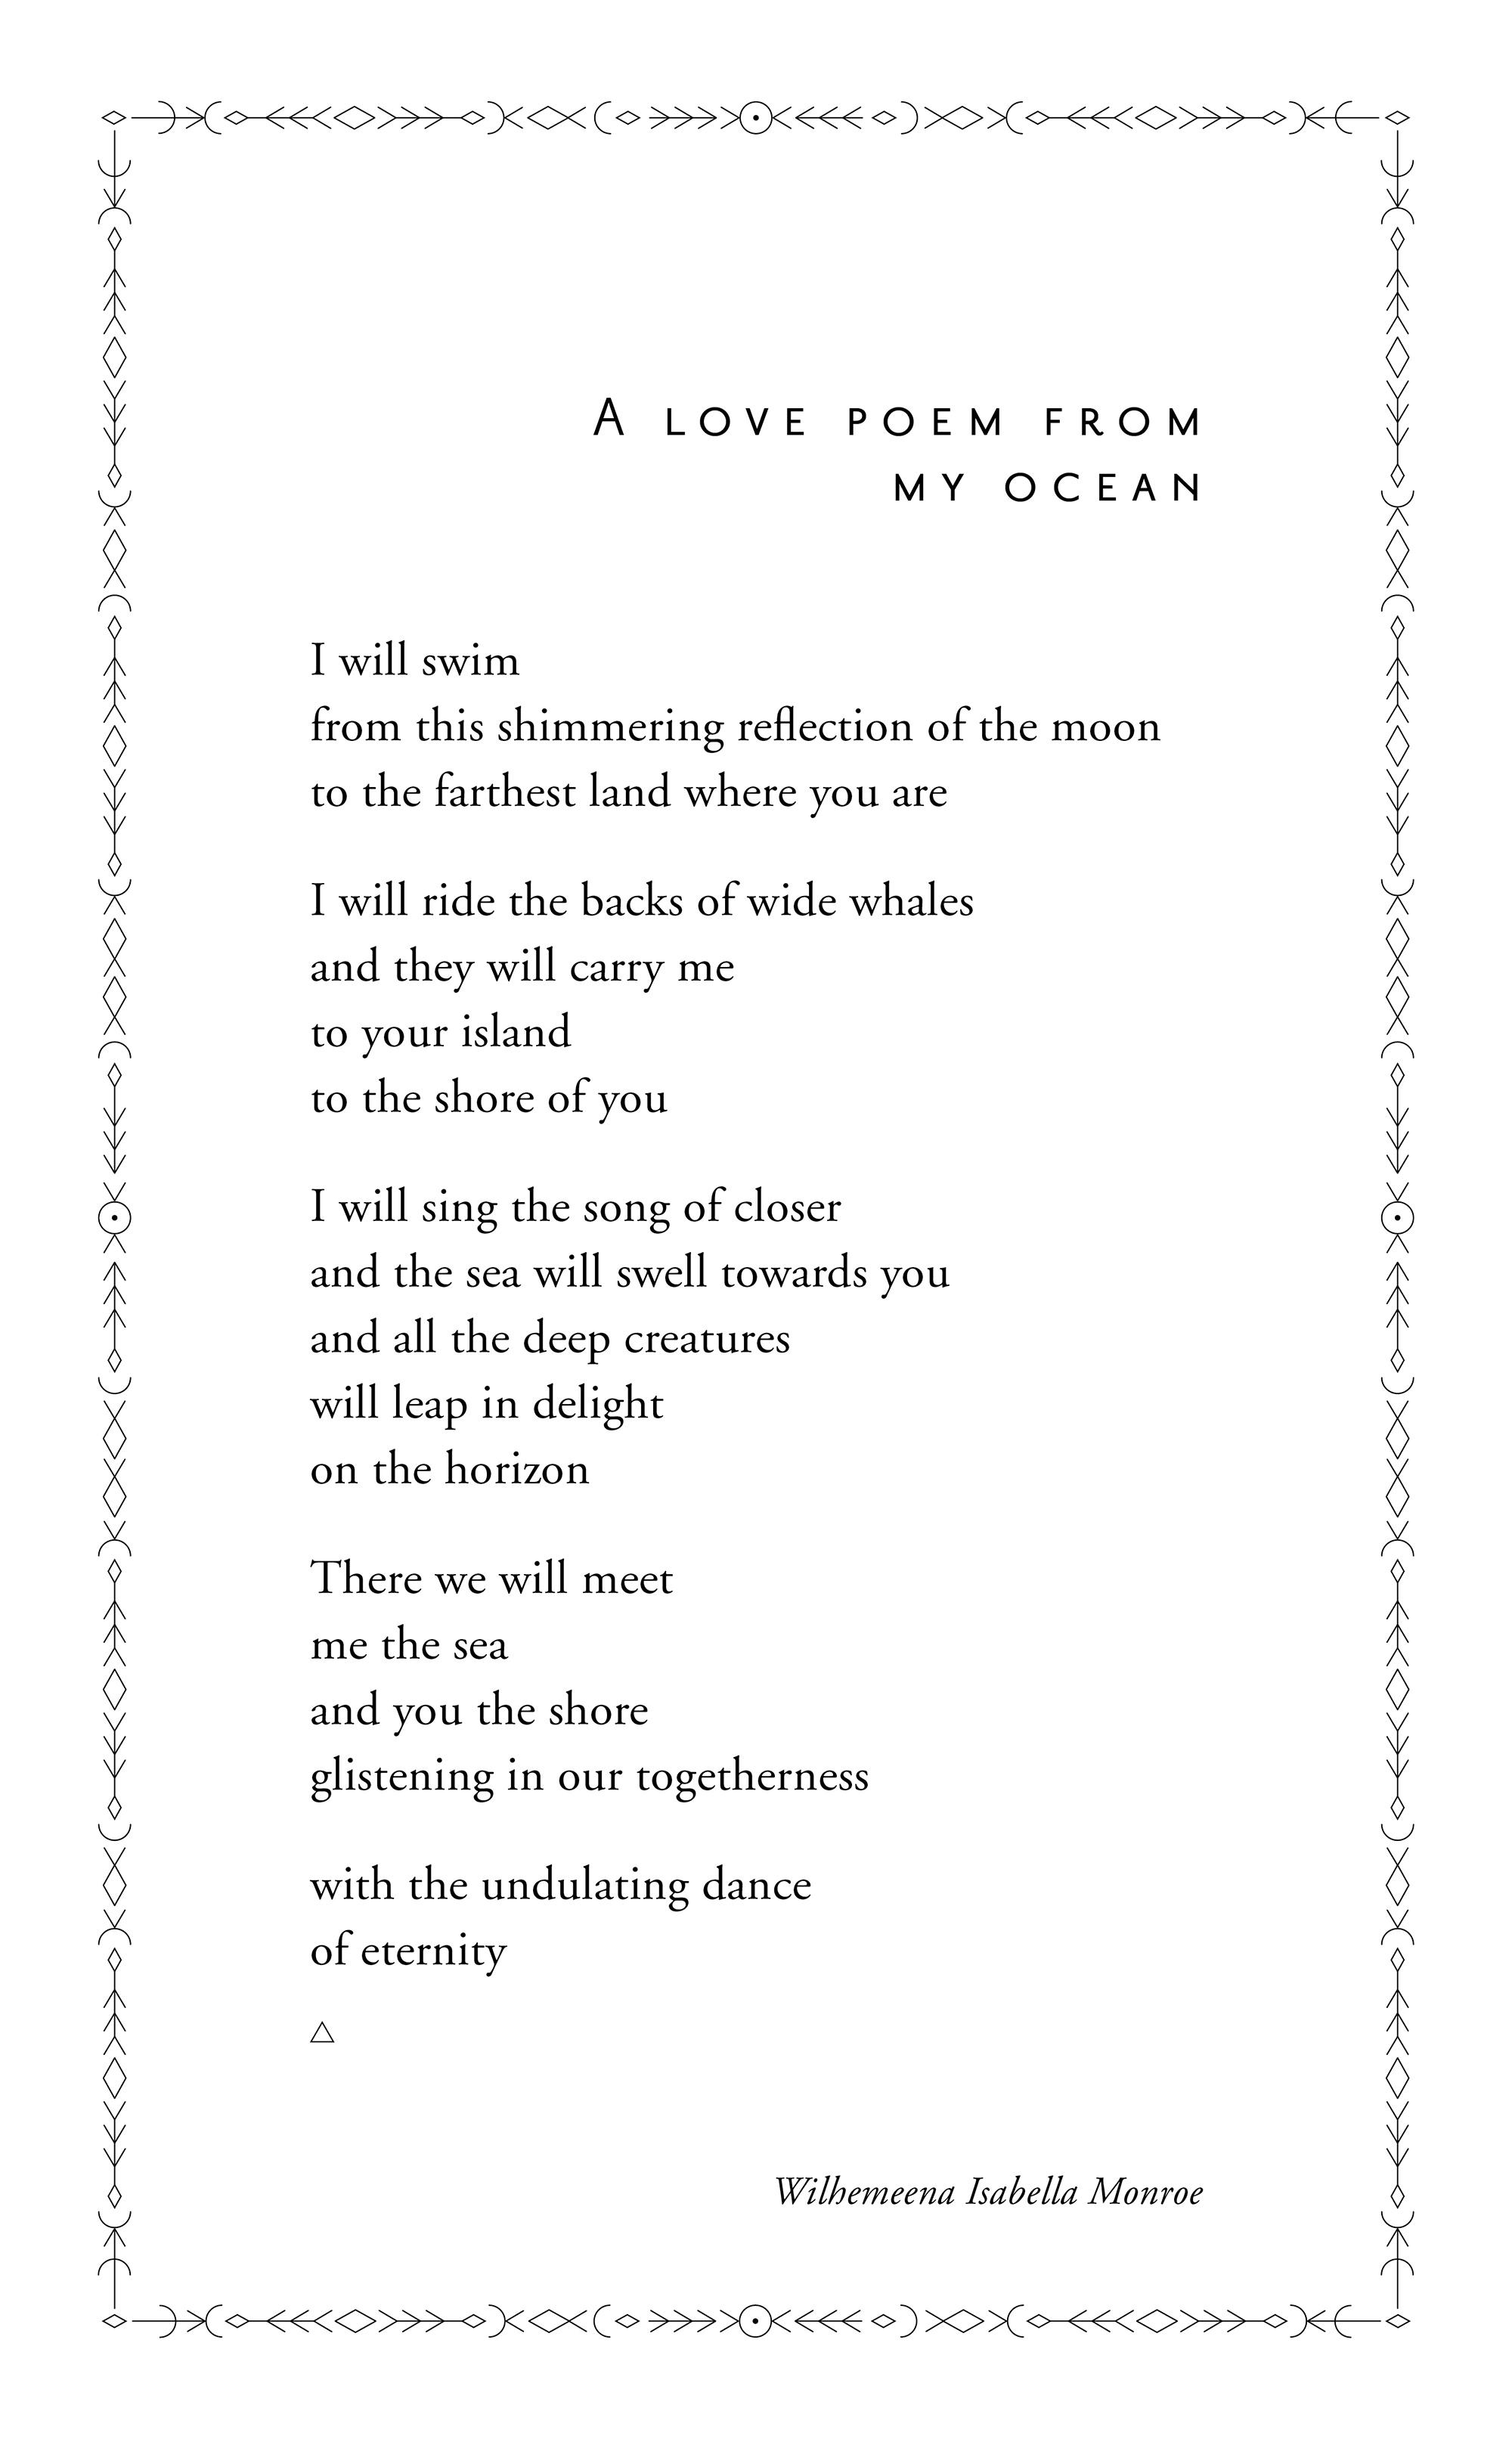 A+love+poem+from+my+ocean.jpg